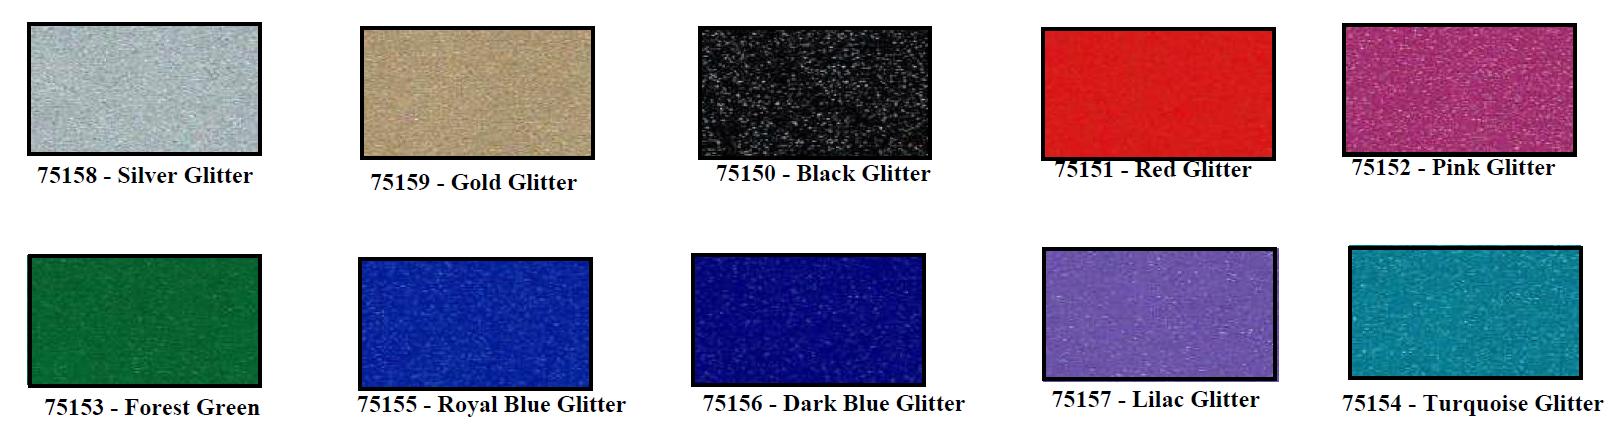 Glitter colors - Glitter Vinyl - SMF 4mil Cast Vinyl